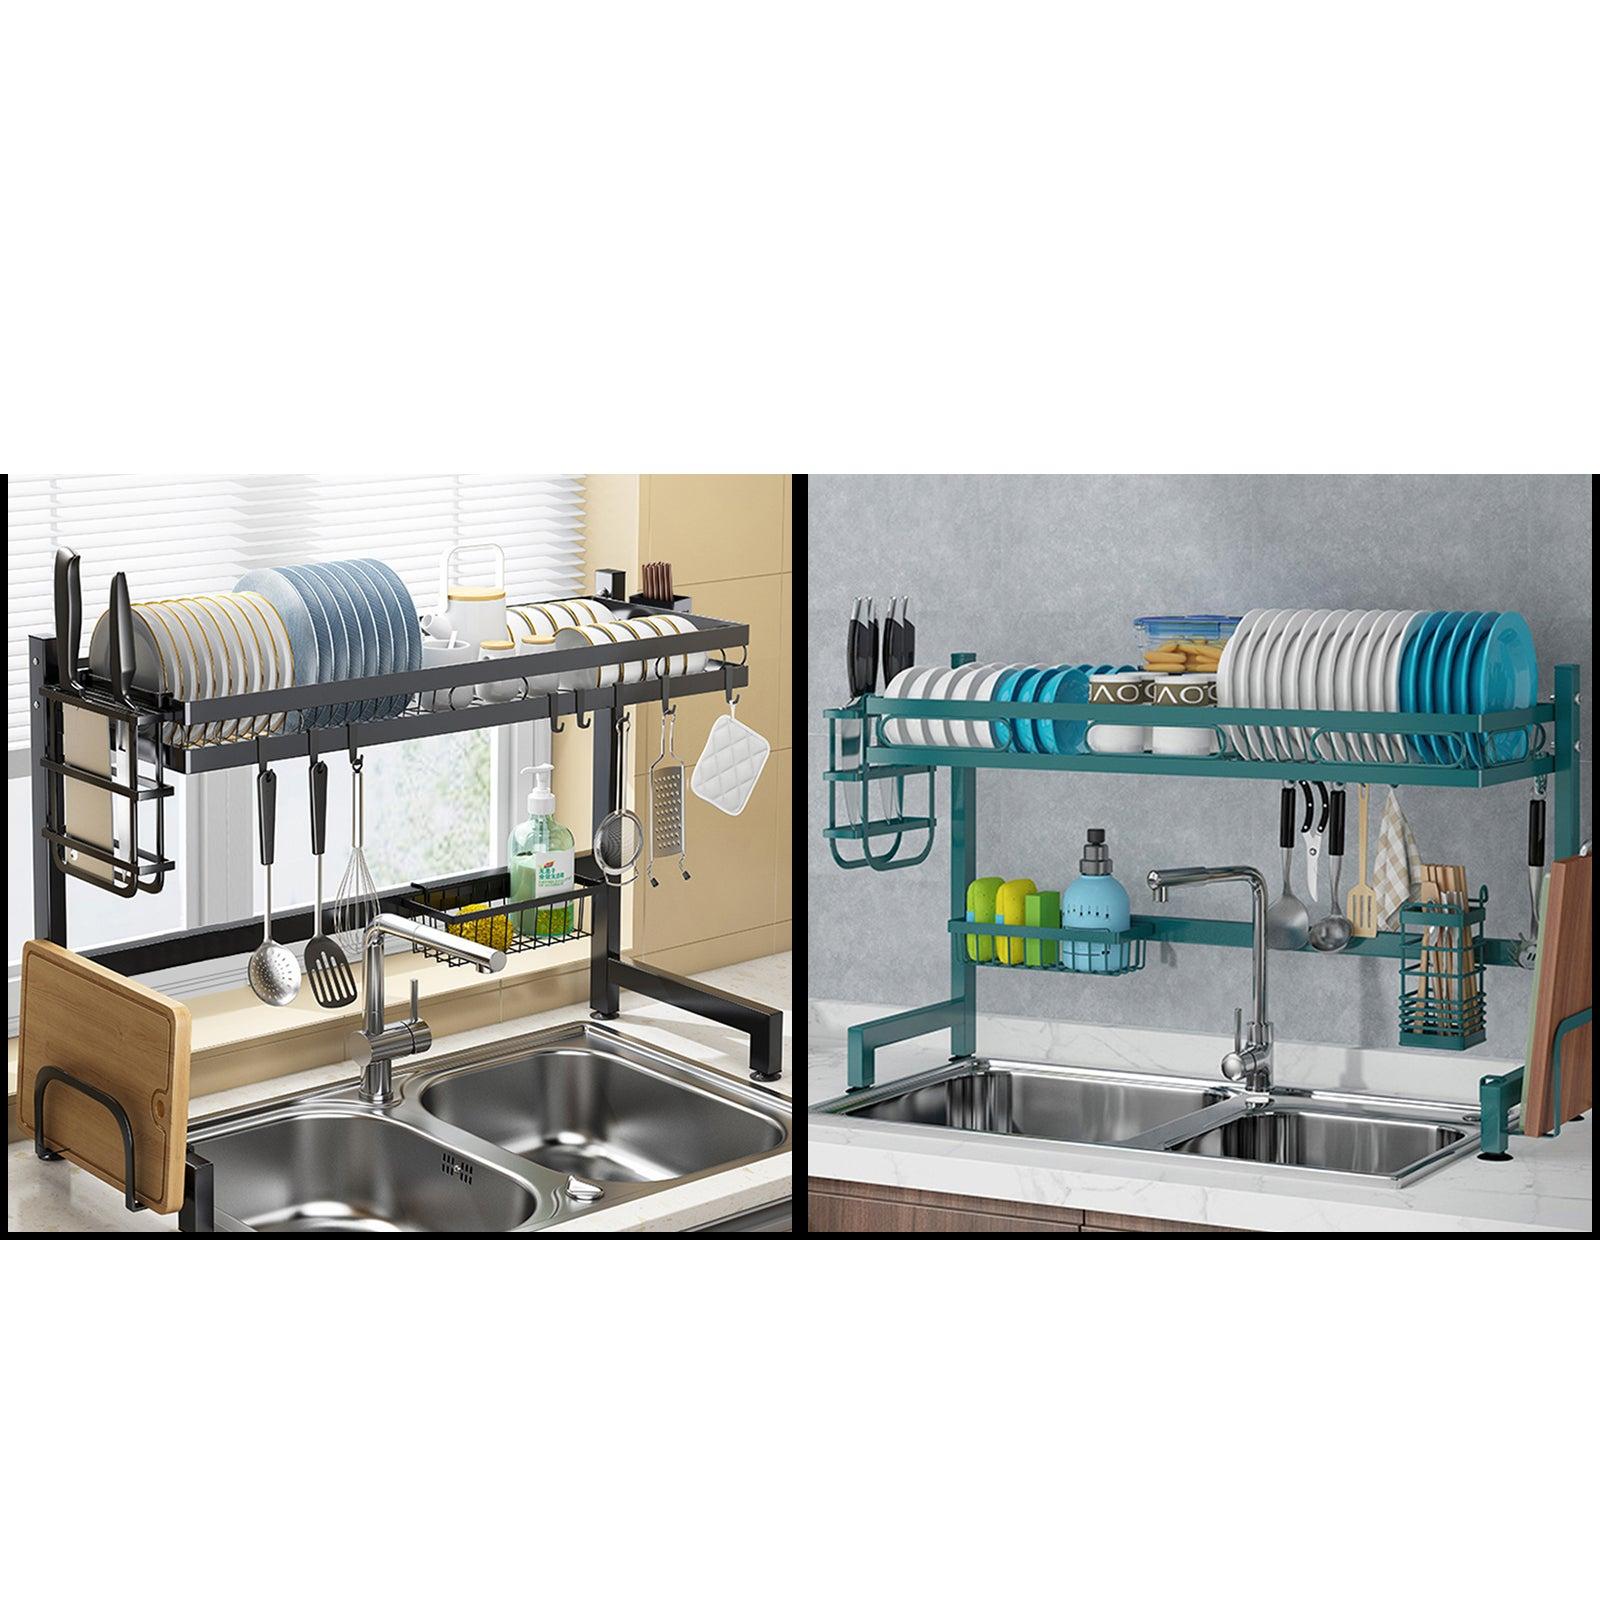 95CM 2 Tier Kitchen Dining Storage Organizer Drying Dish Basket Rack Carbon Steel Over Sink Black/Dark Green